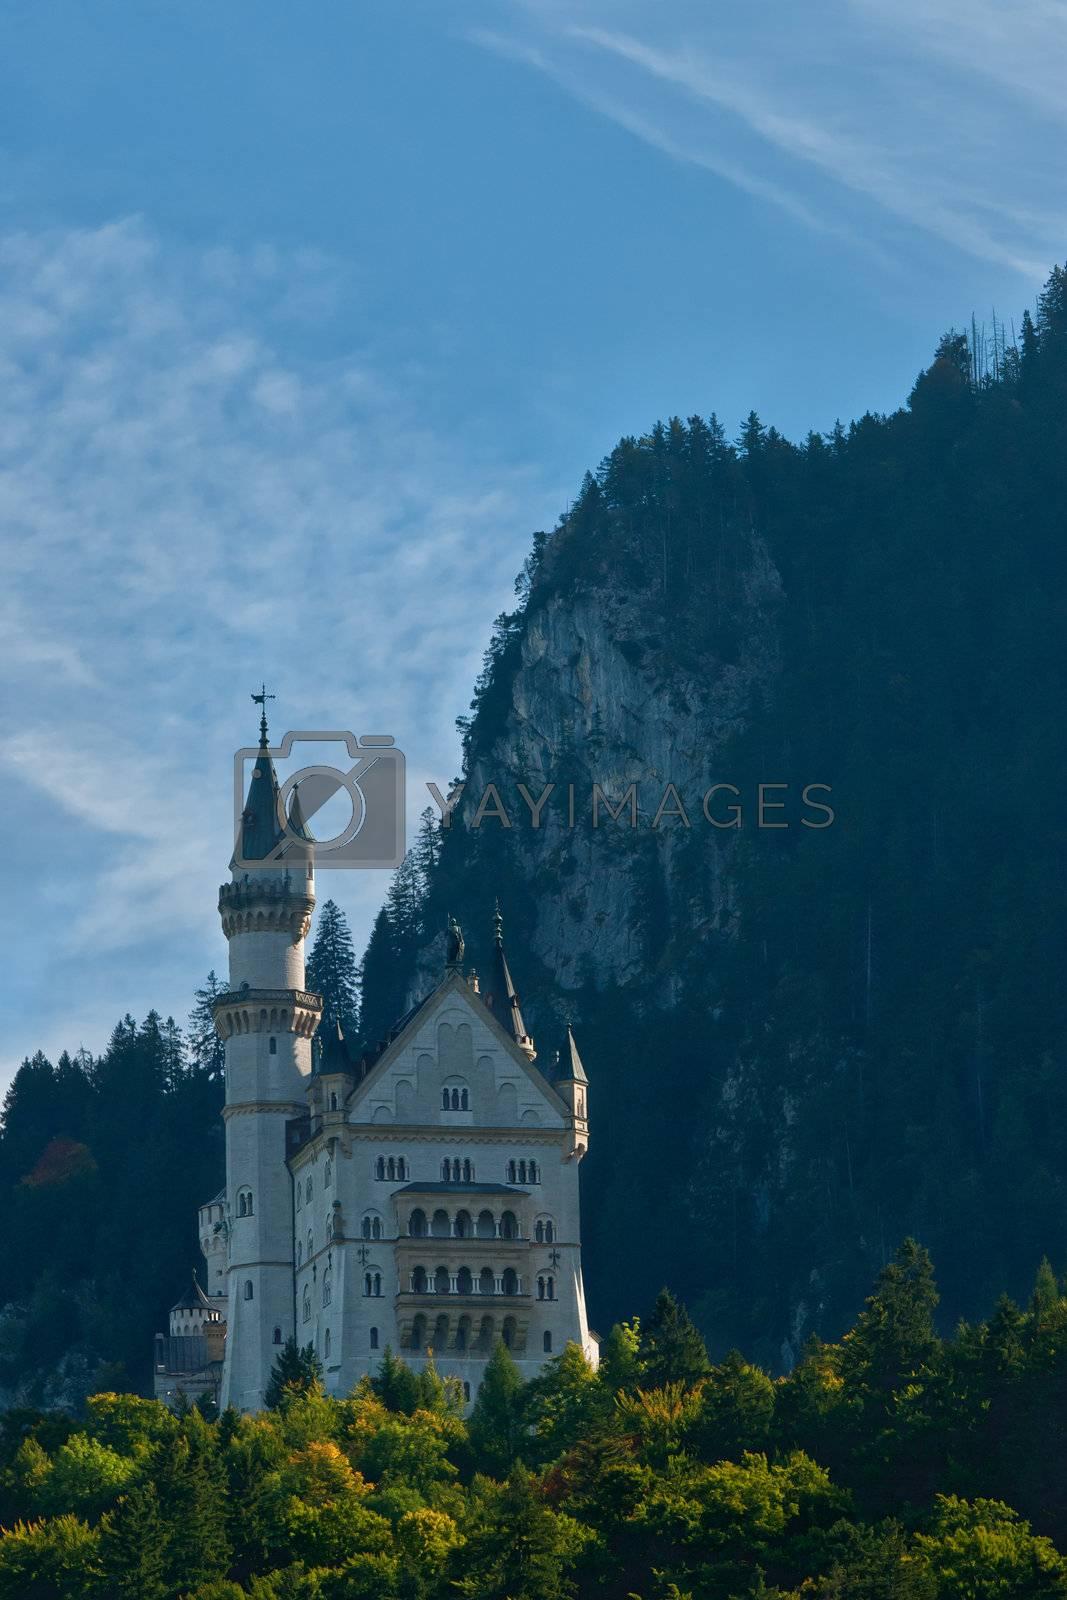 Royalty free image of Neuschwanstein Castle landscape by firewings